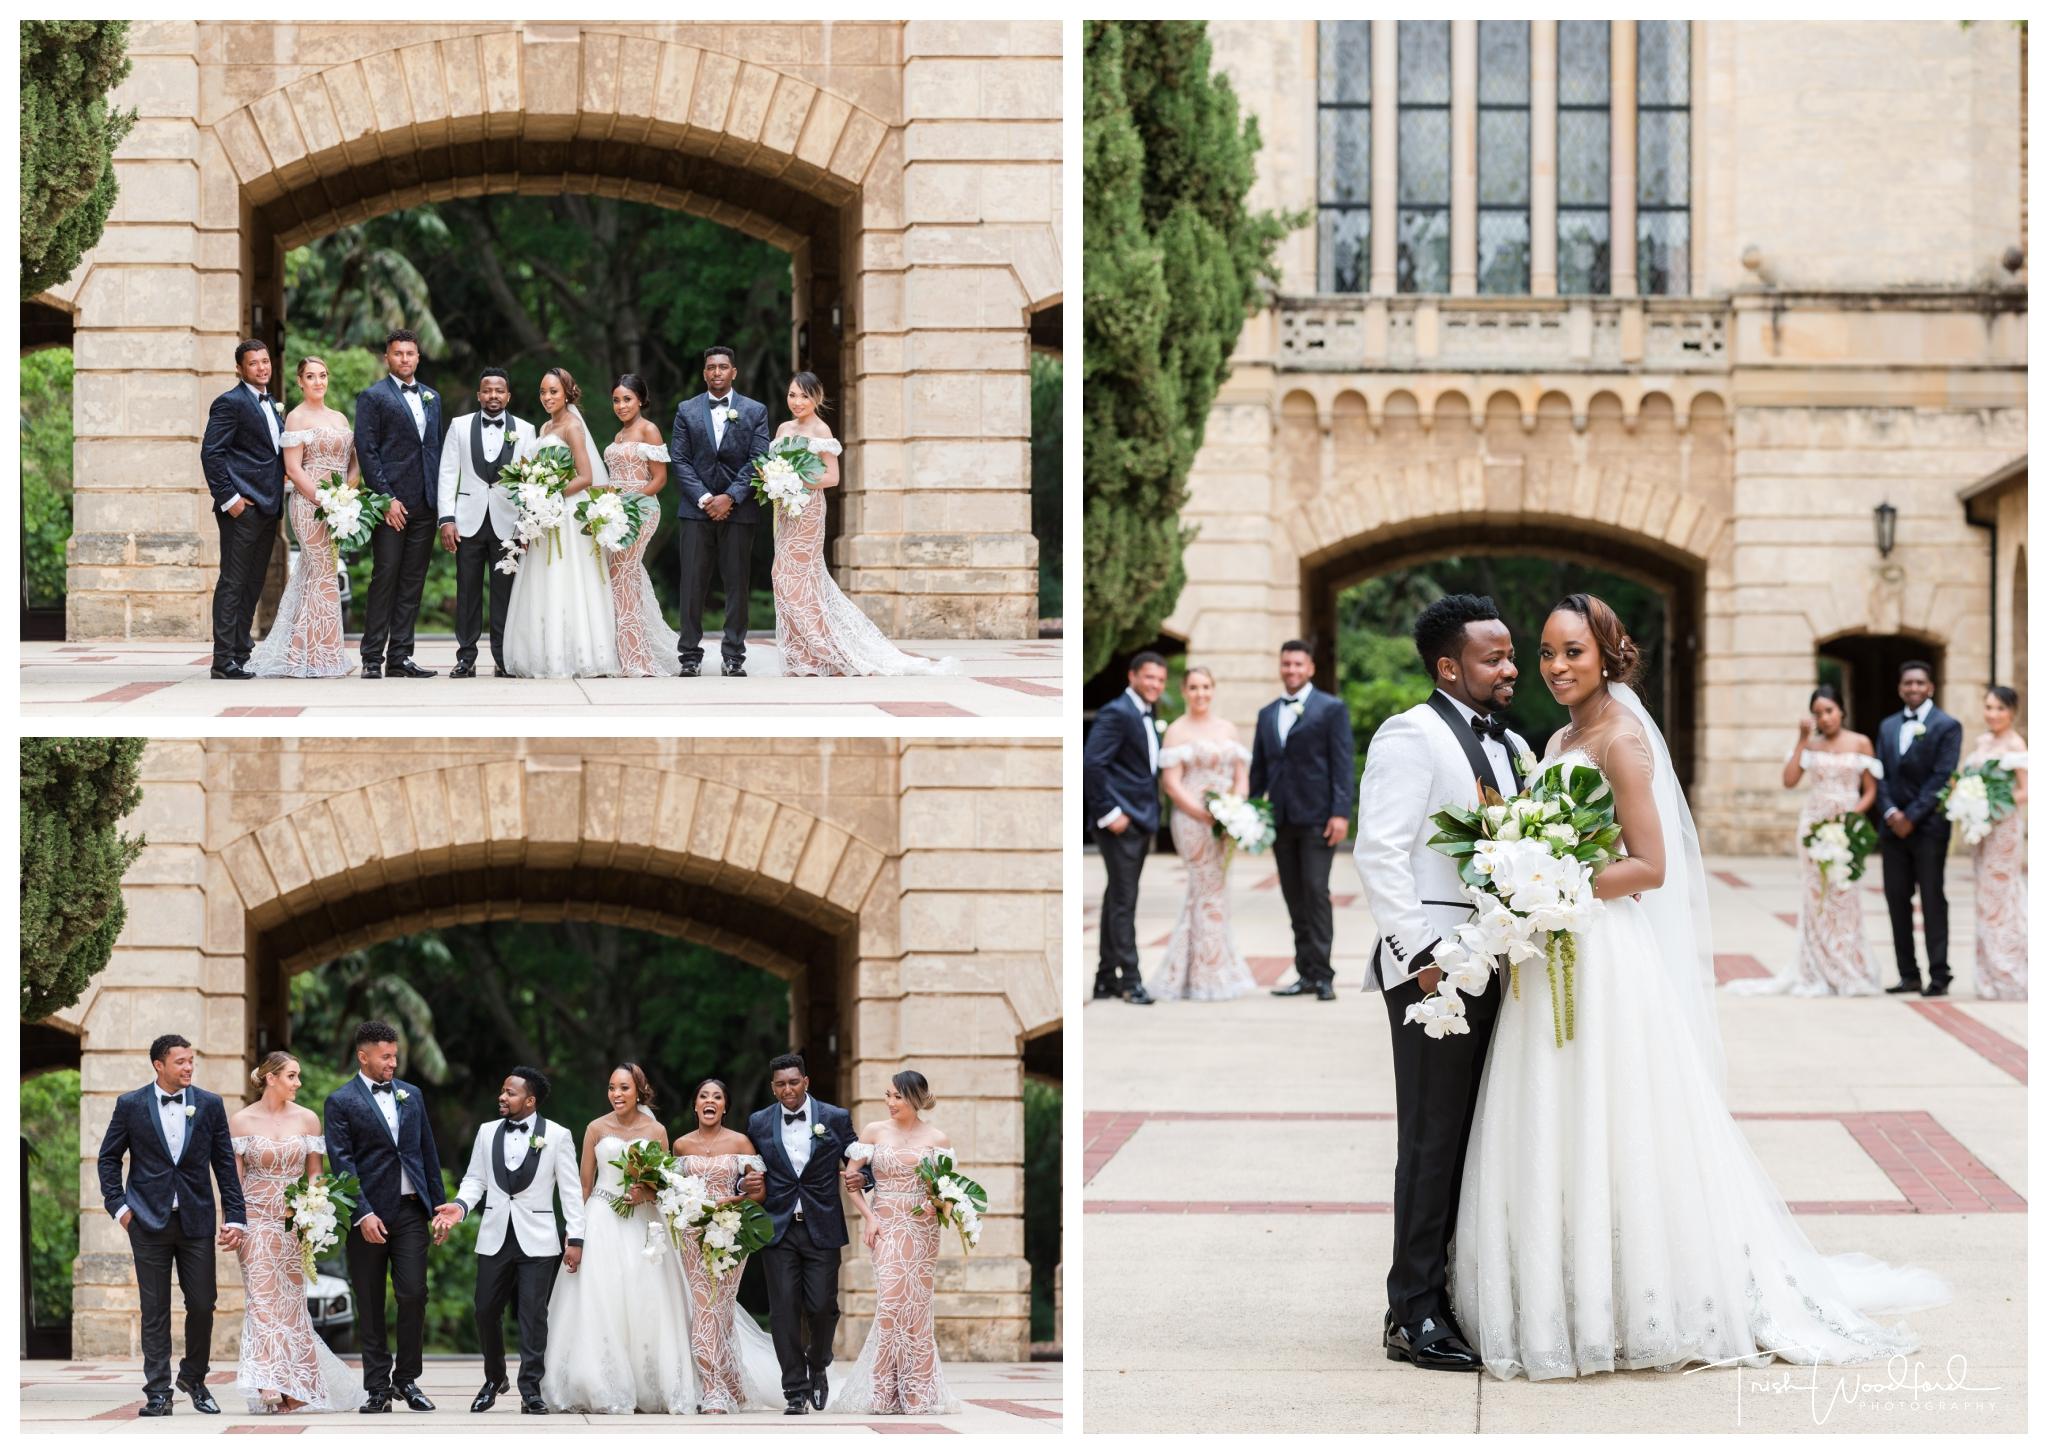 UWA Wedding Photography